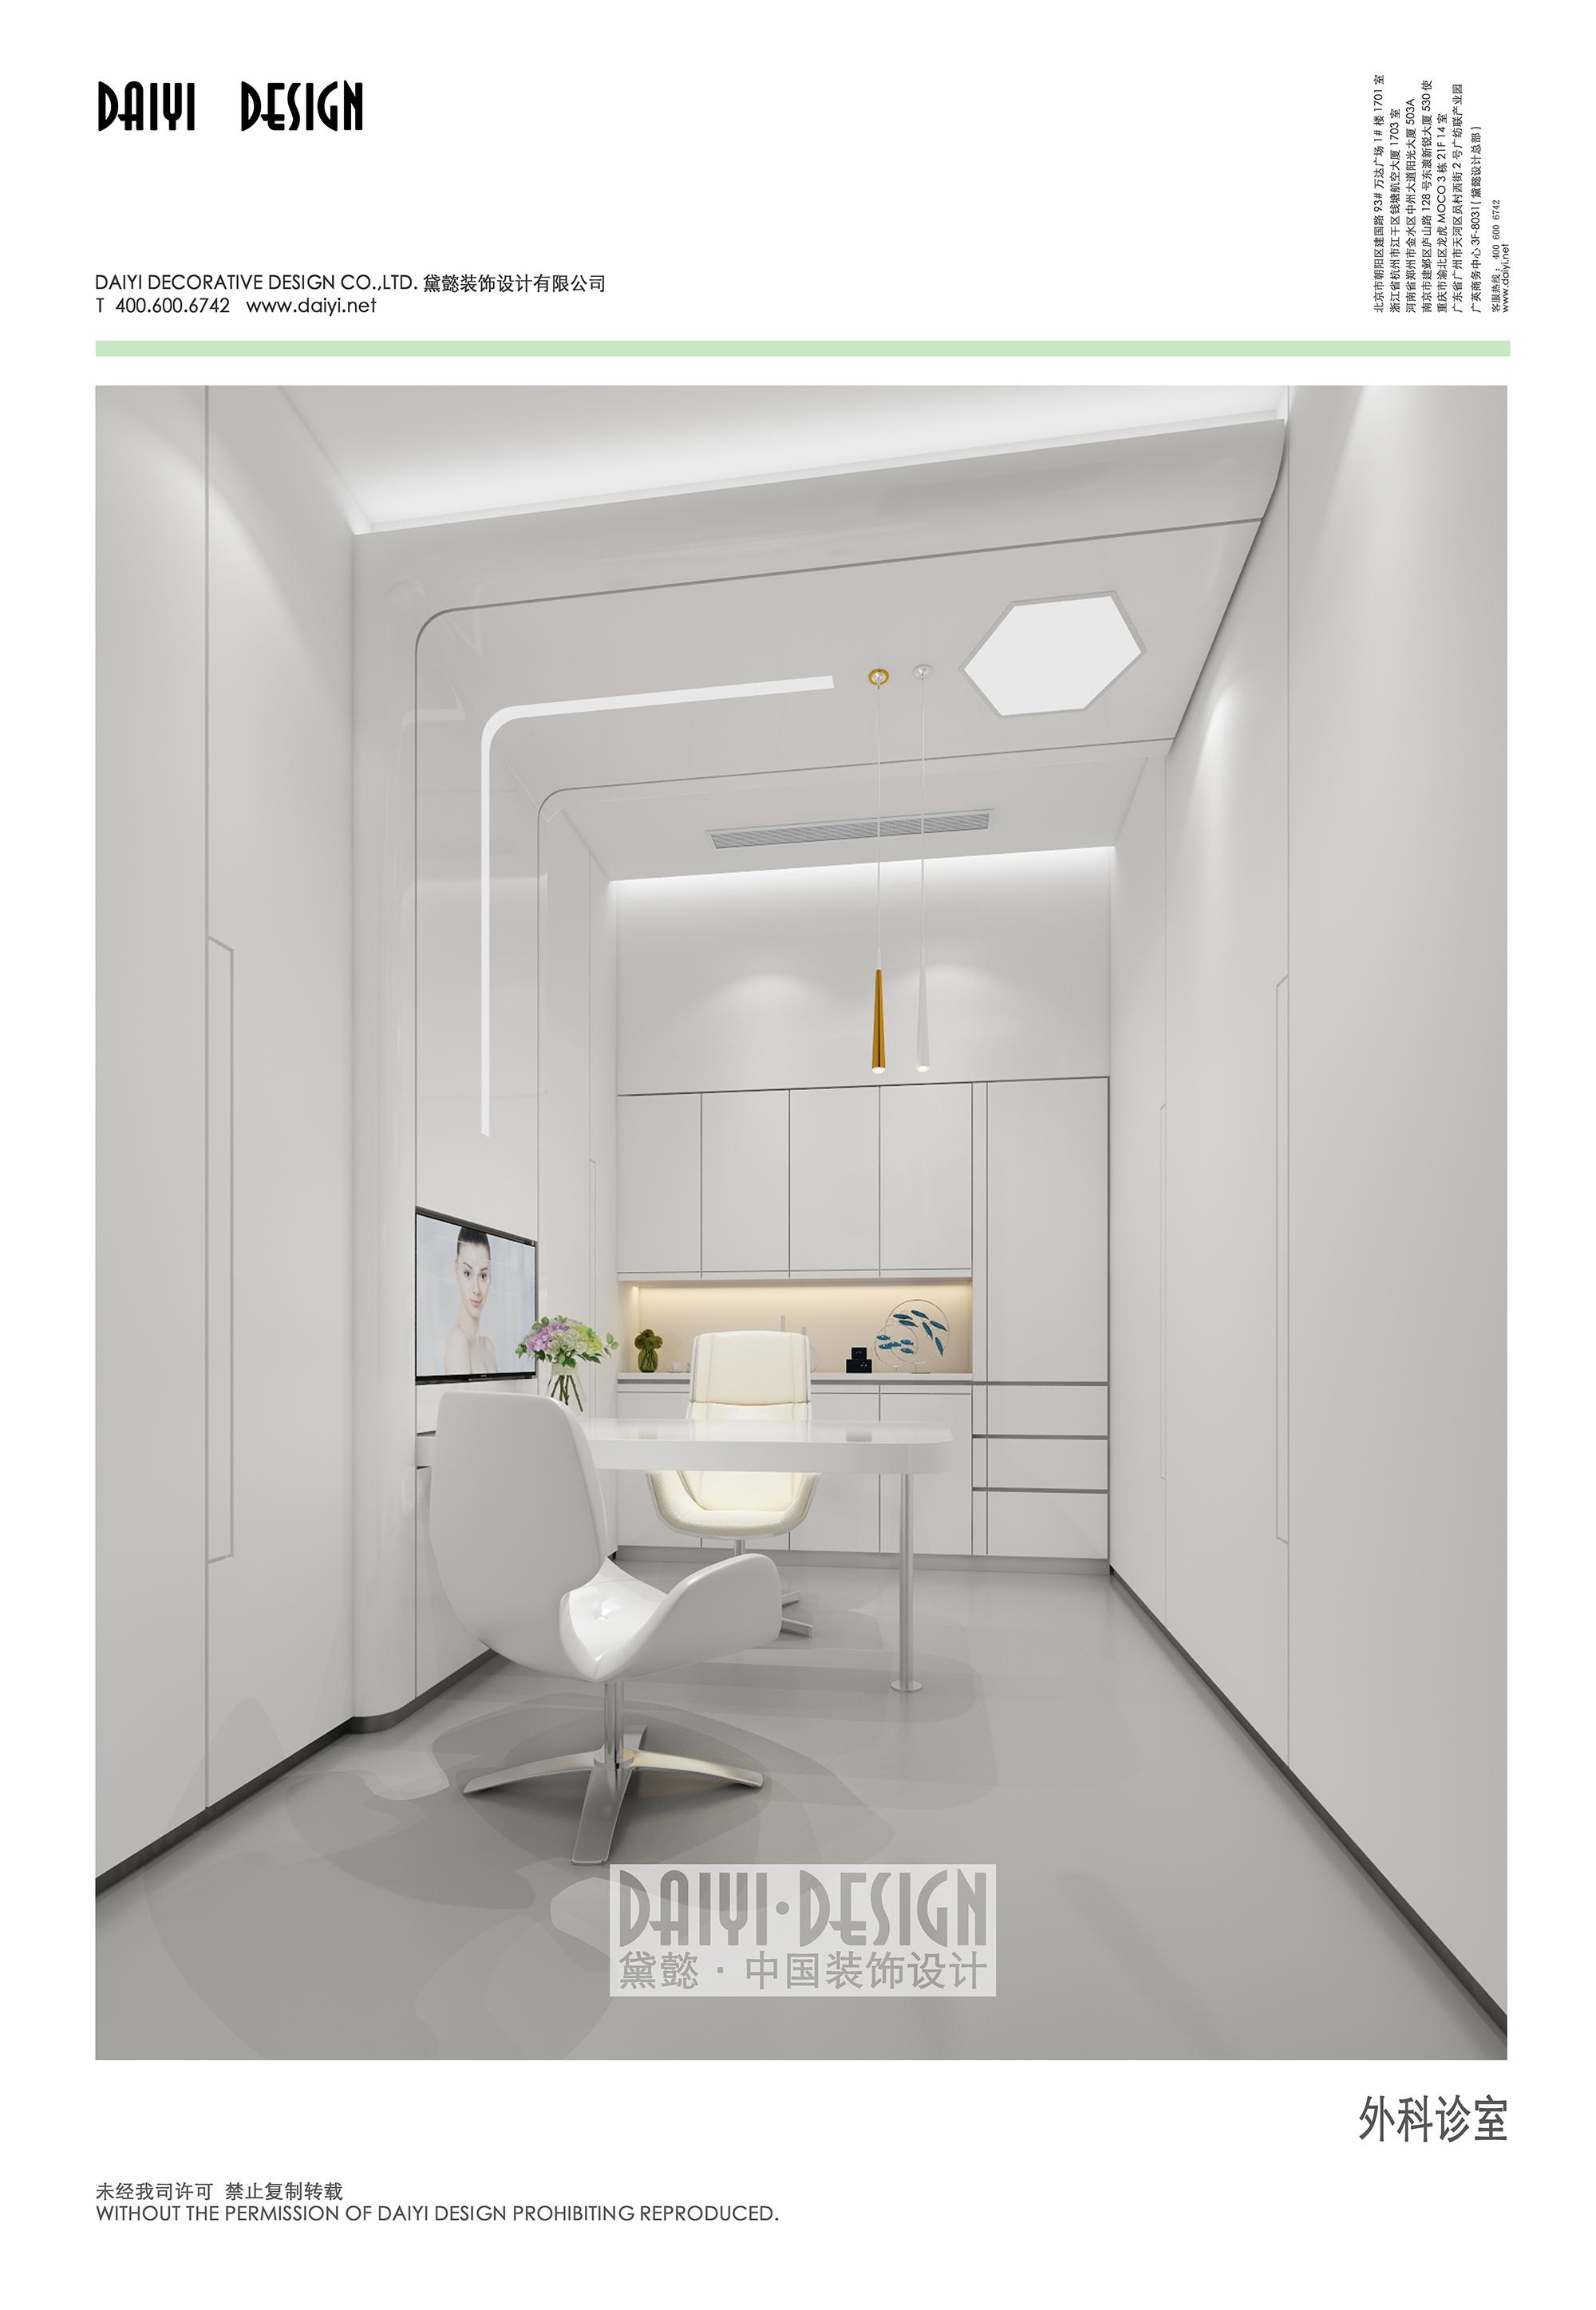 医美整形美容医院装修设计-黛懿中国